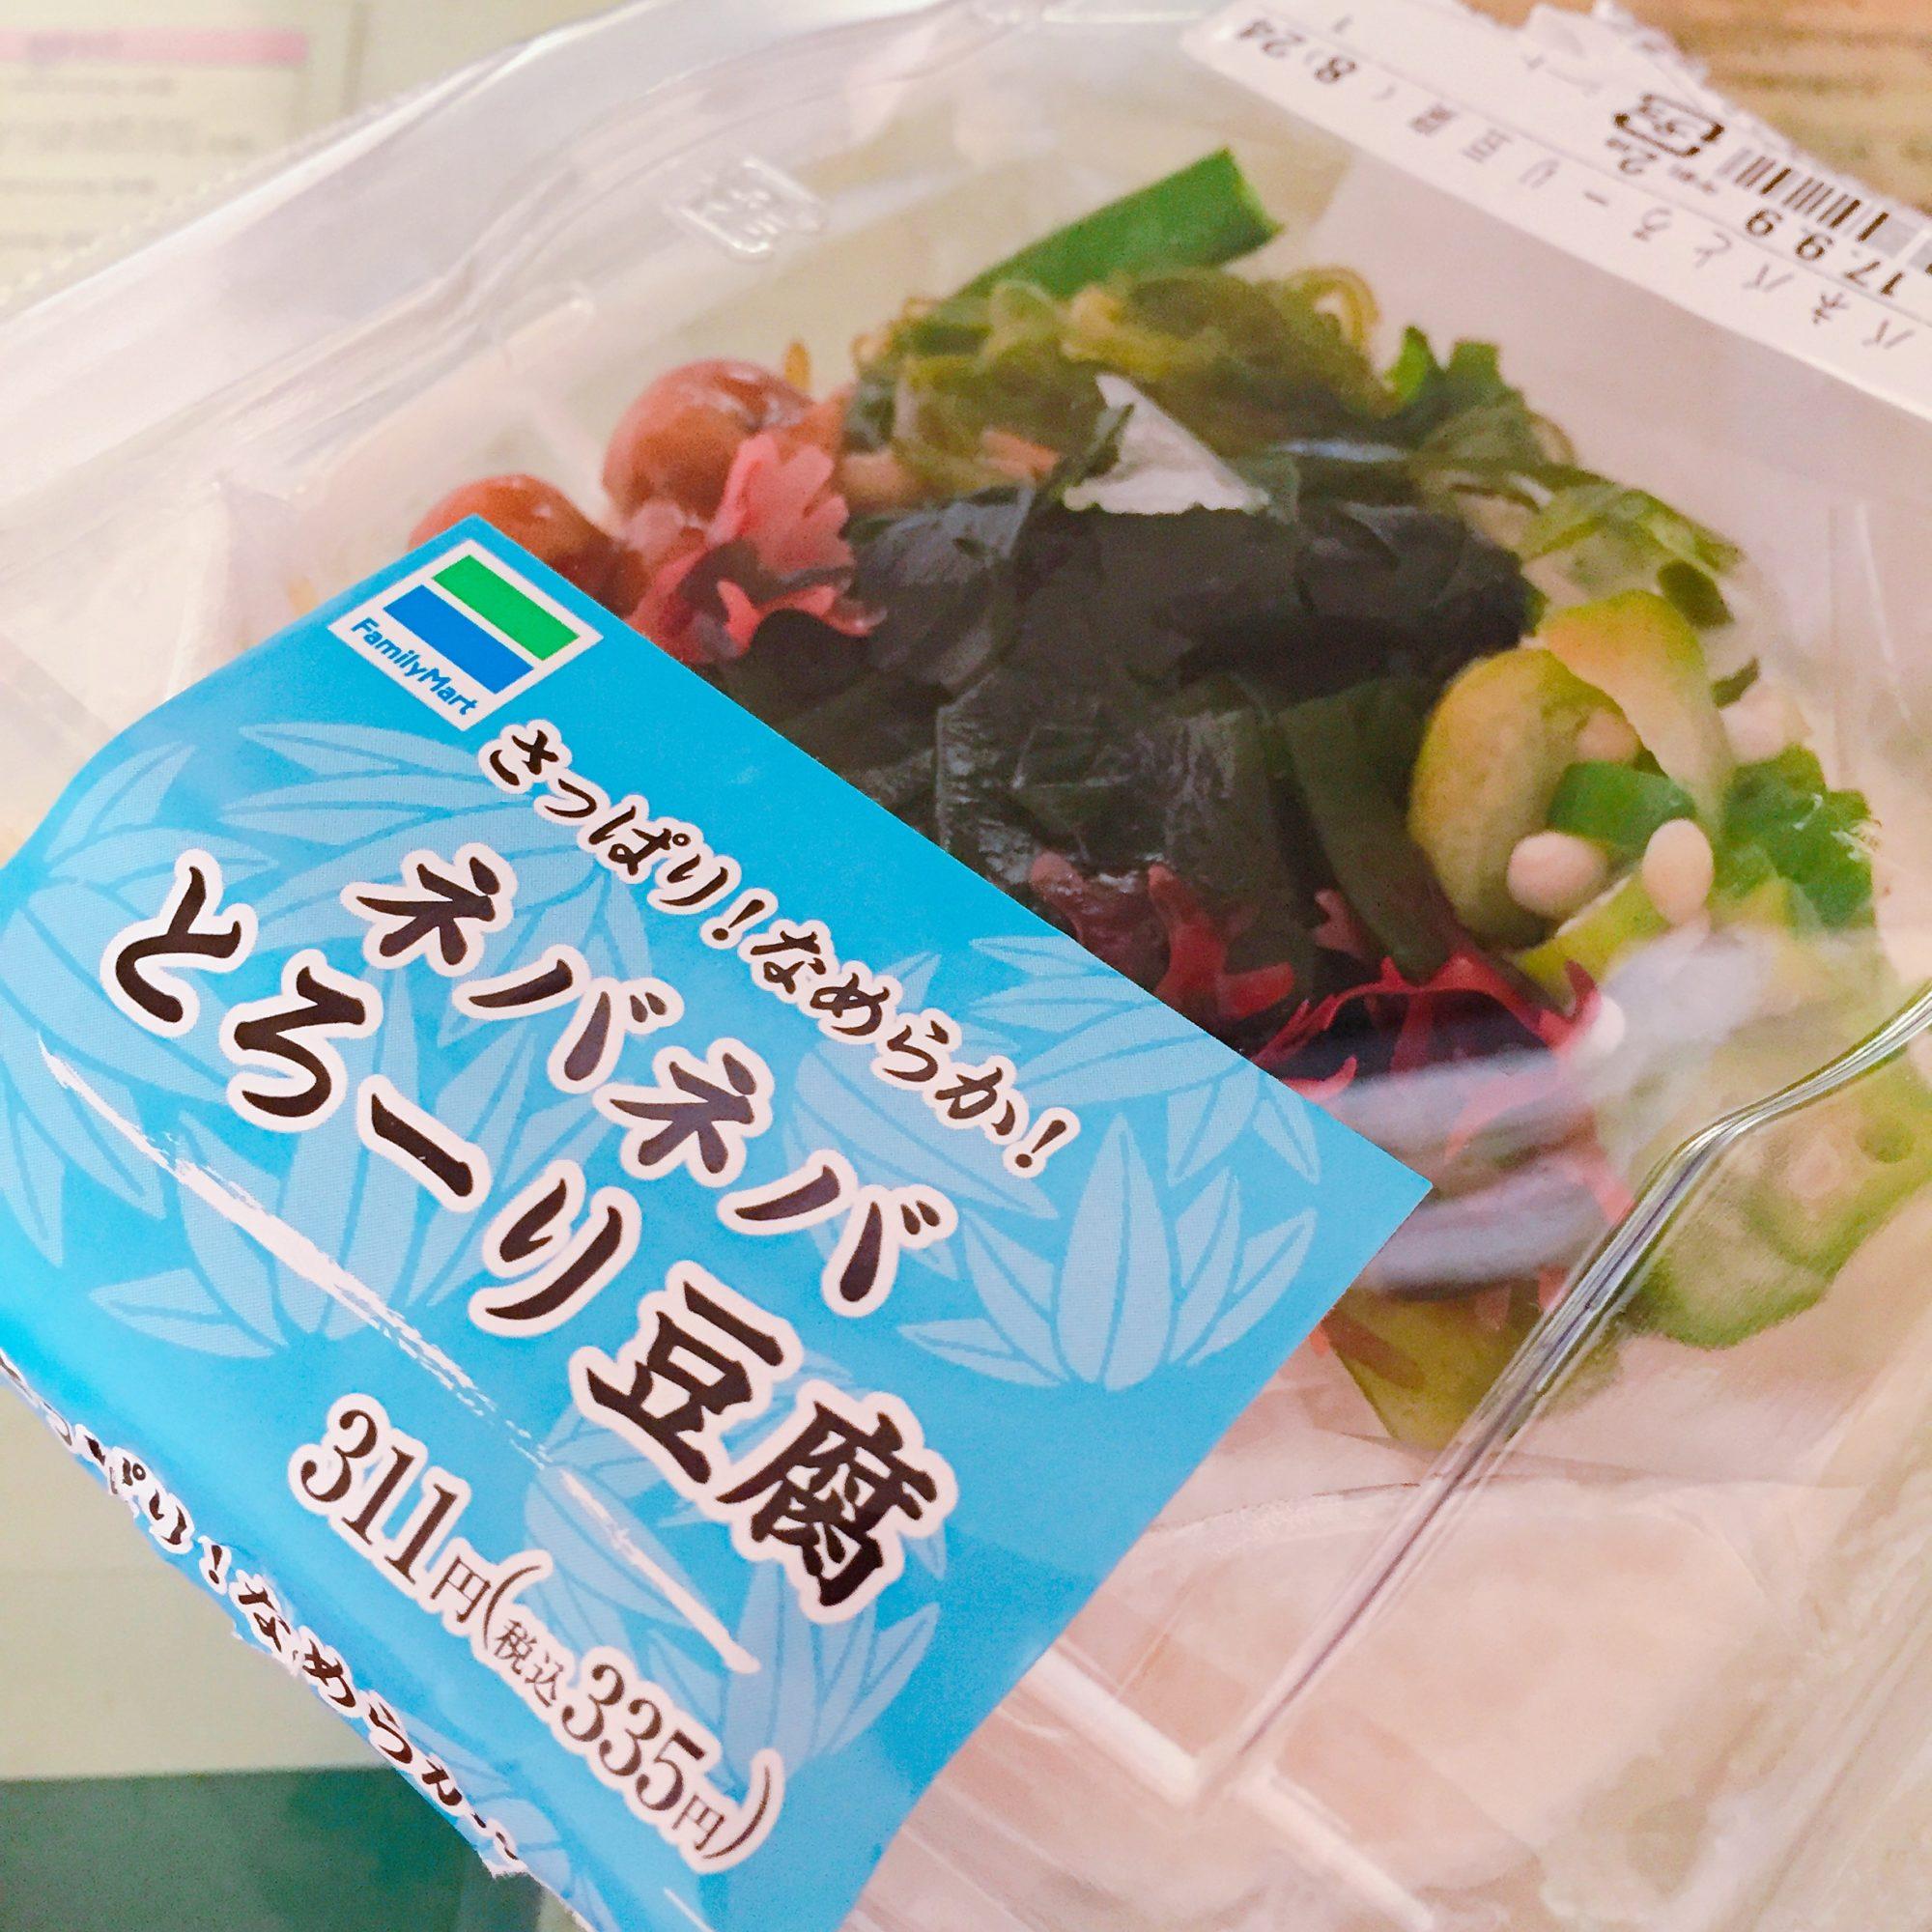 ファミマの「ネバネバとろーり豆腐」がたったの122 kcal.とっても低カロリーでおいしい話